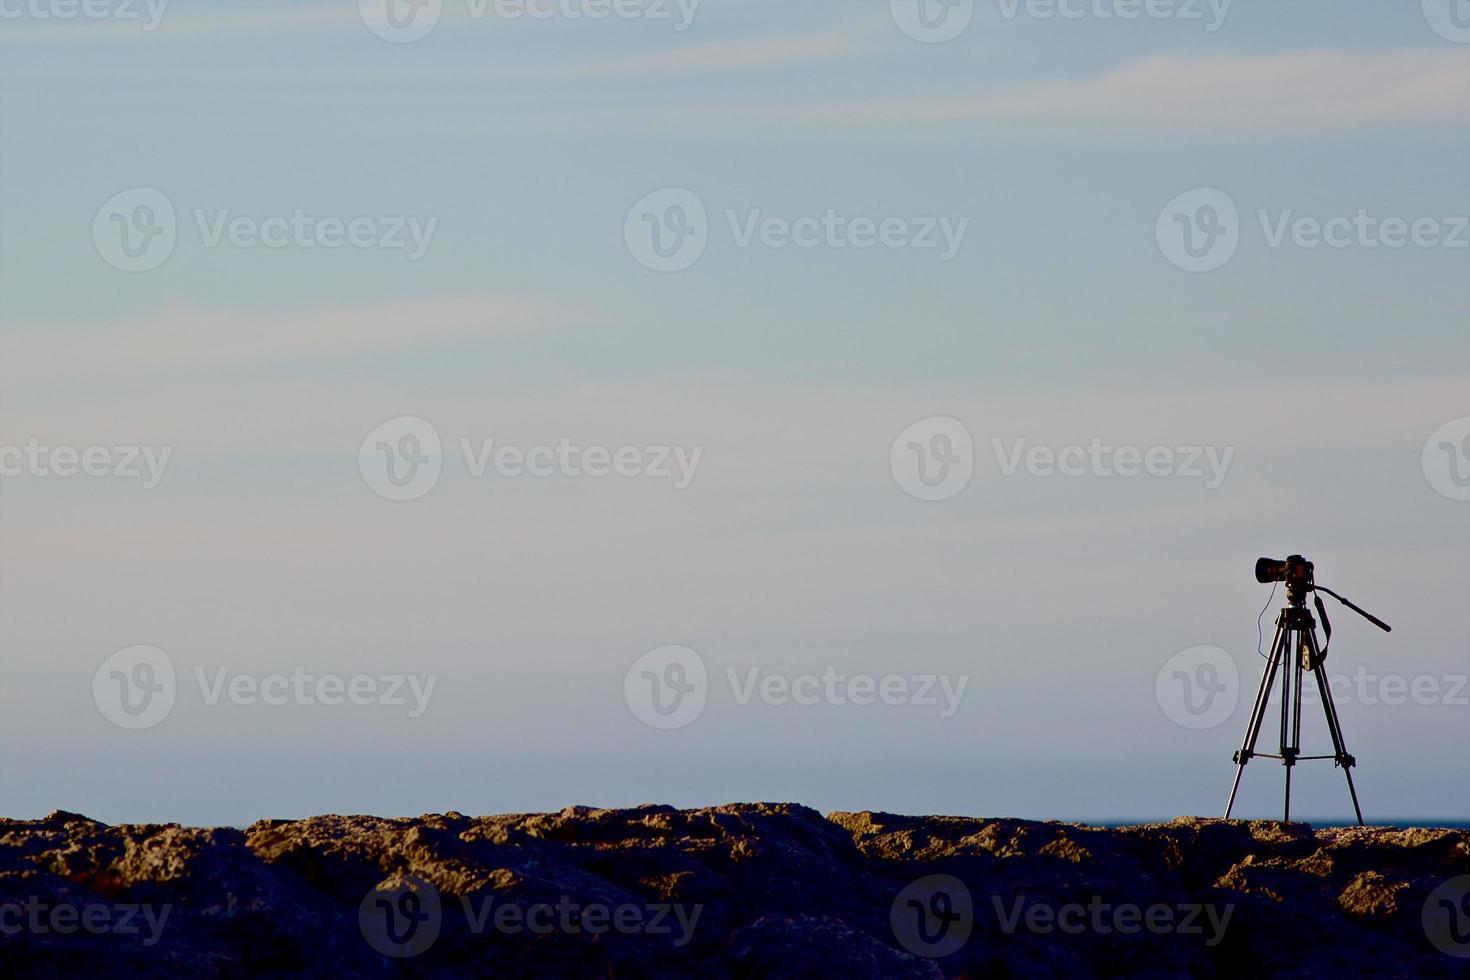 câmera digital em um tripé com céu pôr do sol foto